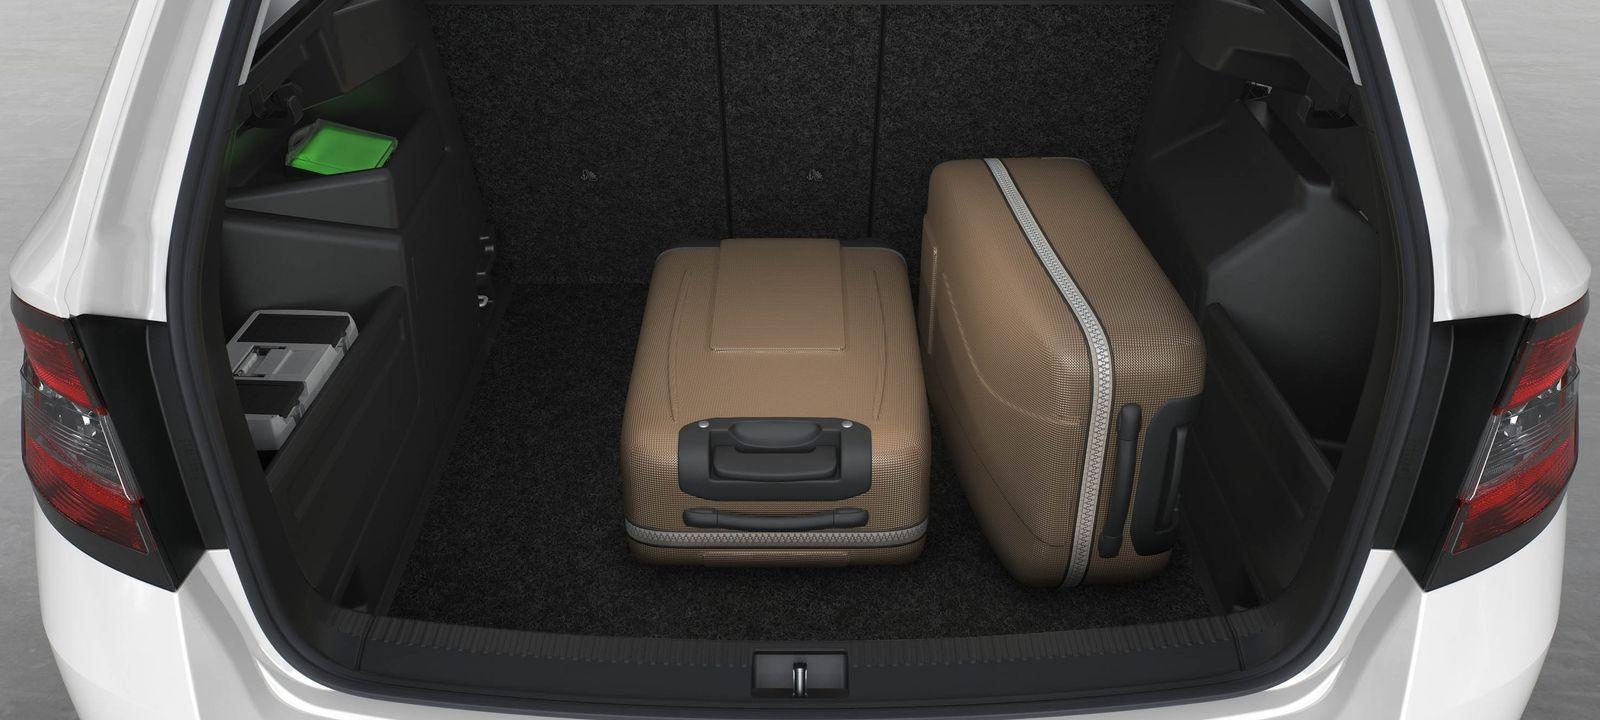 Car Seat Sizes Uk